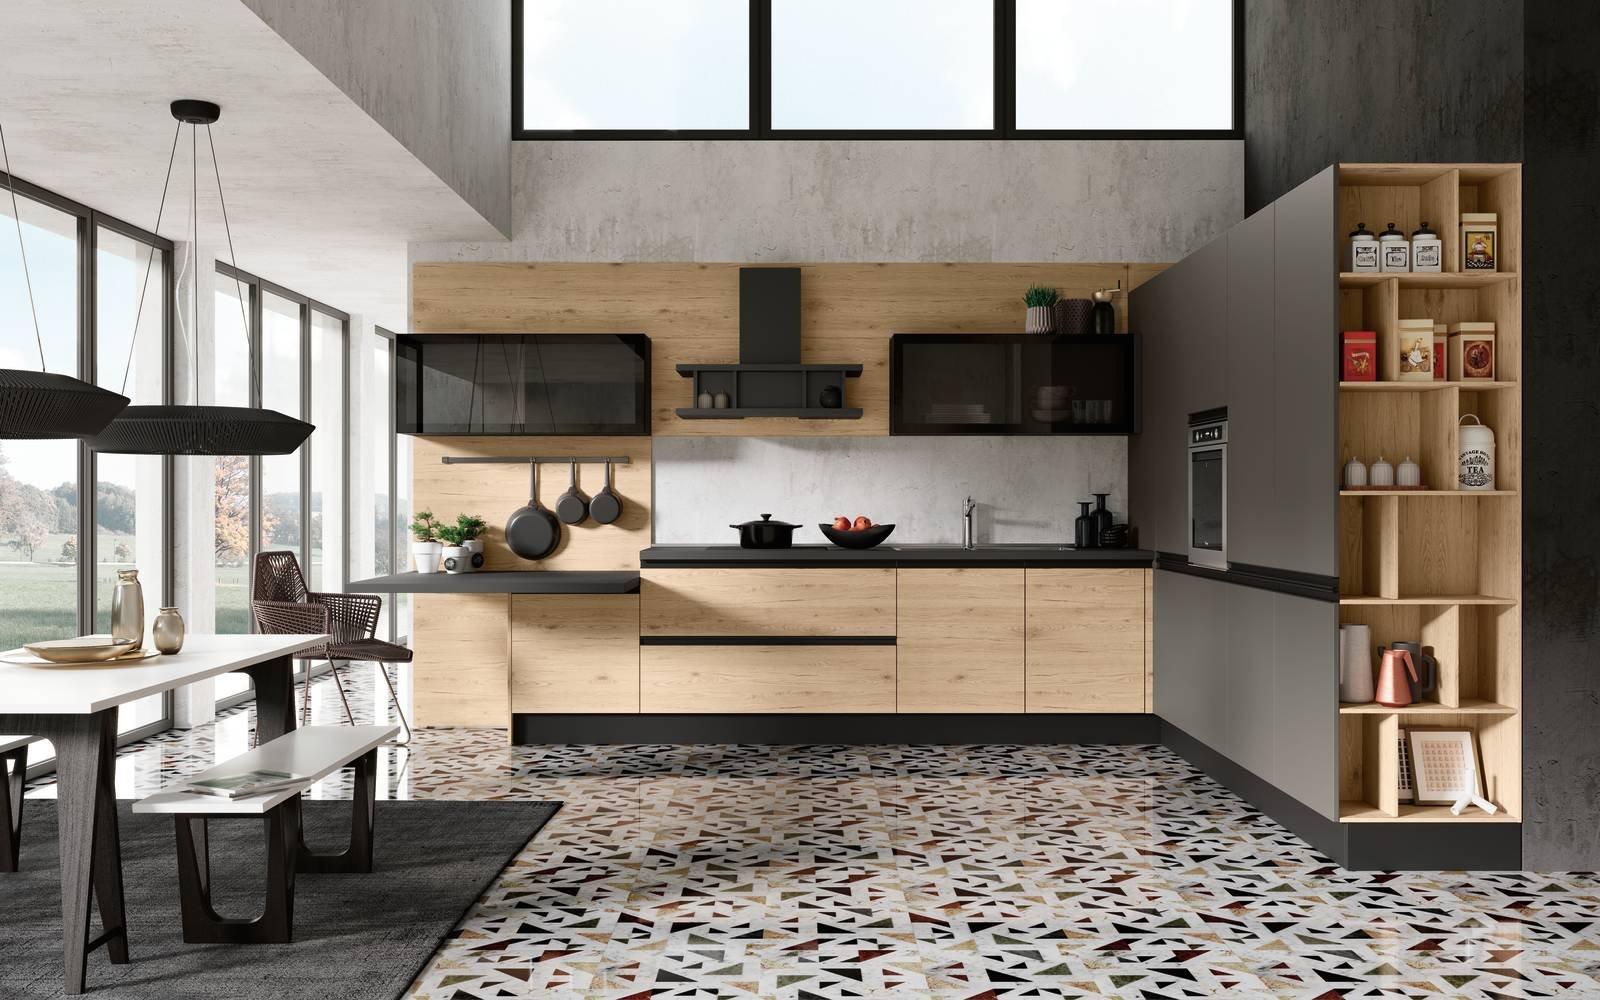 Pulizia Mobili Cucina Legno : Come pulire i mobili della cucina in legno awesome industriale